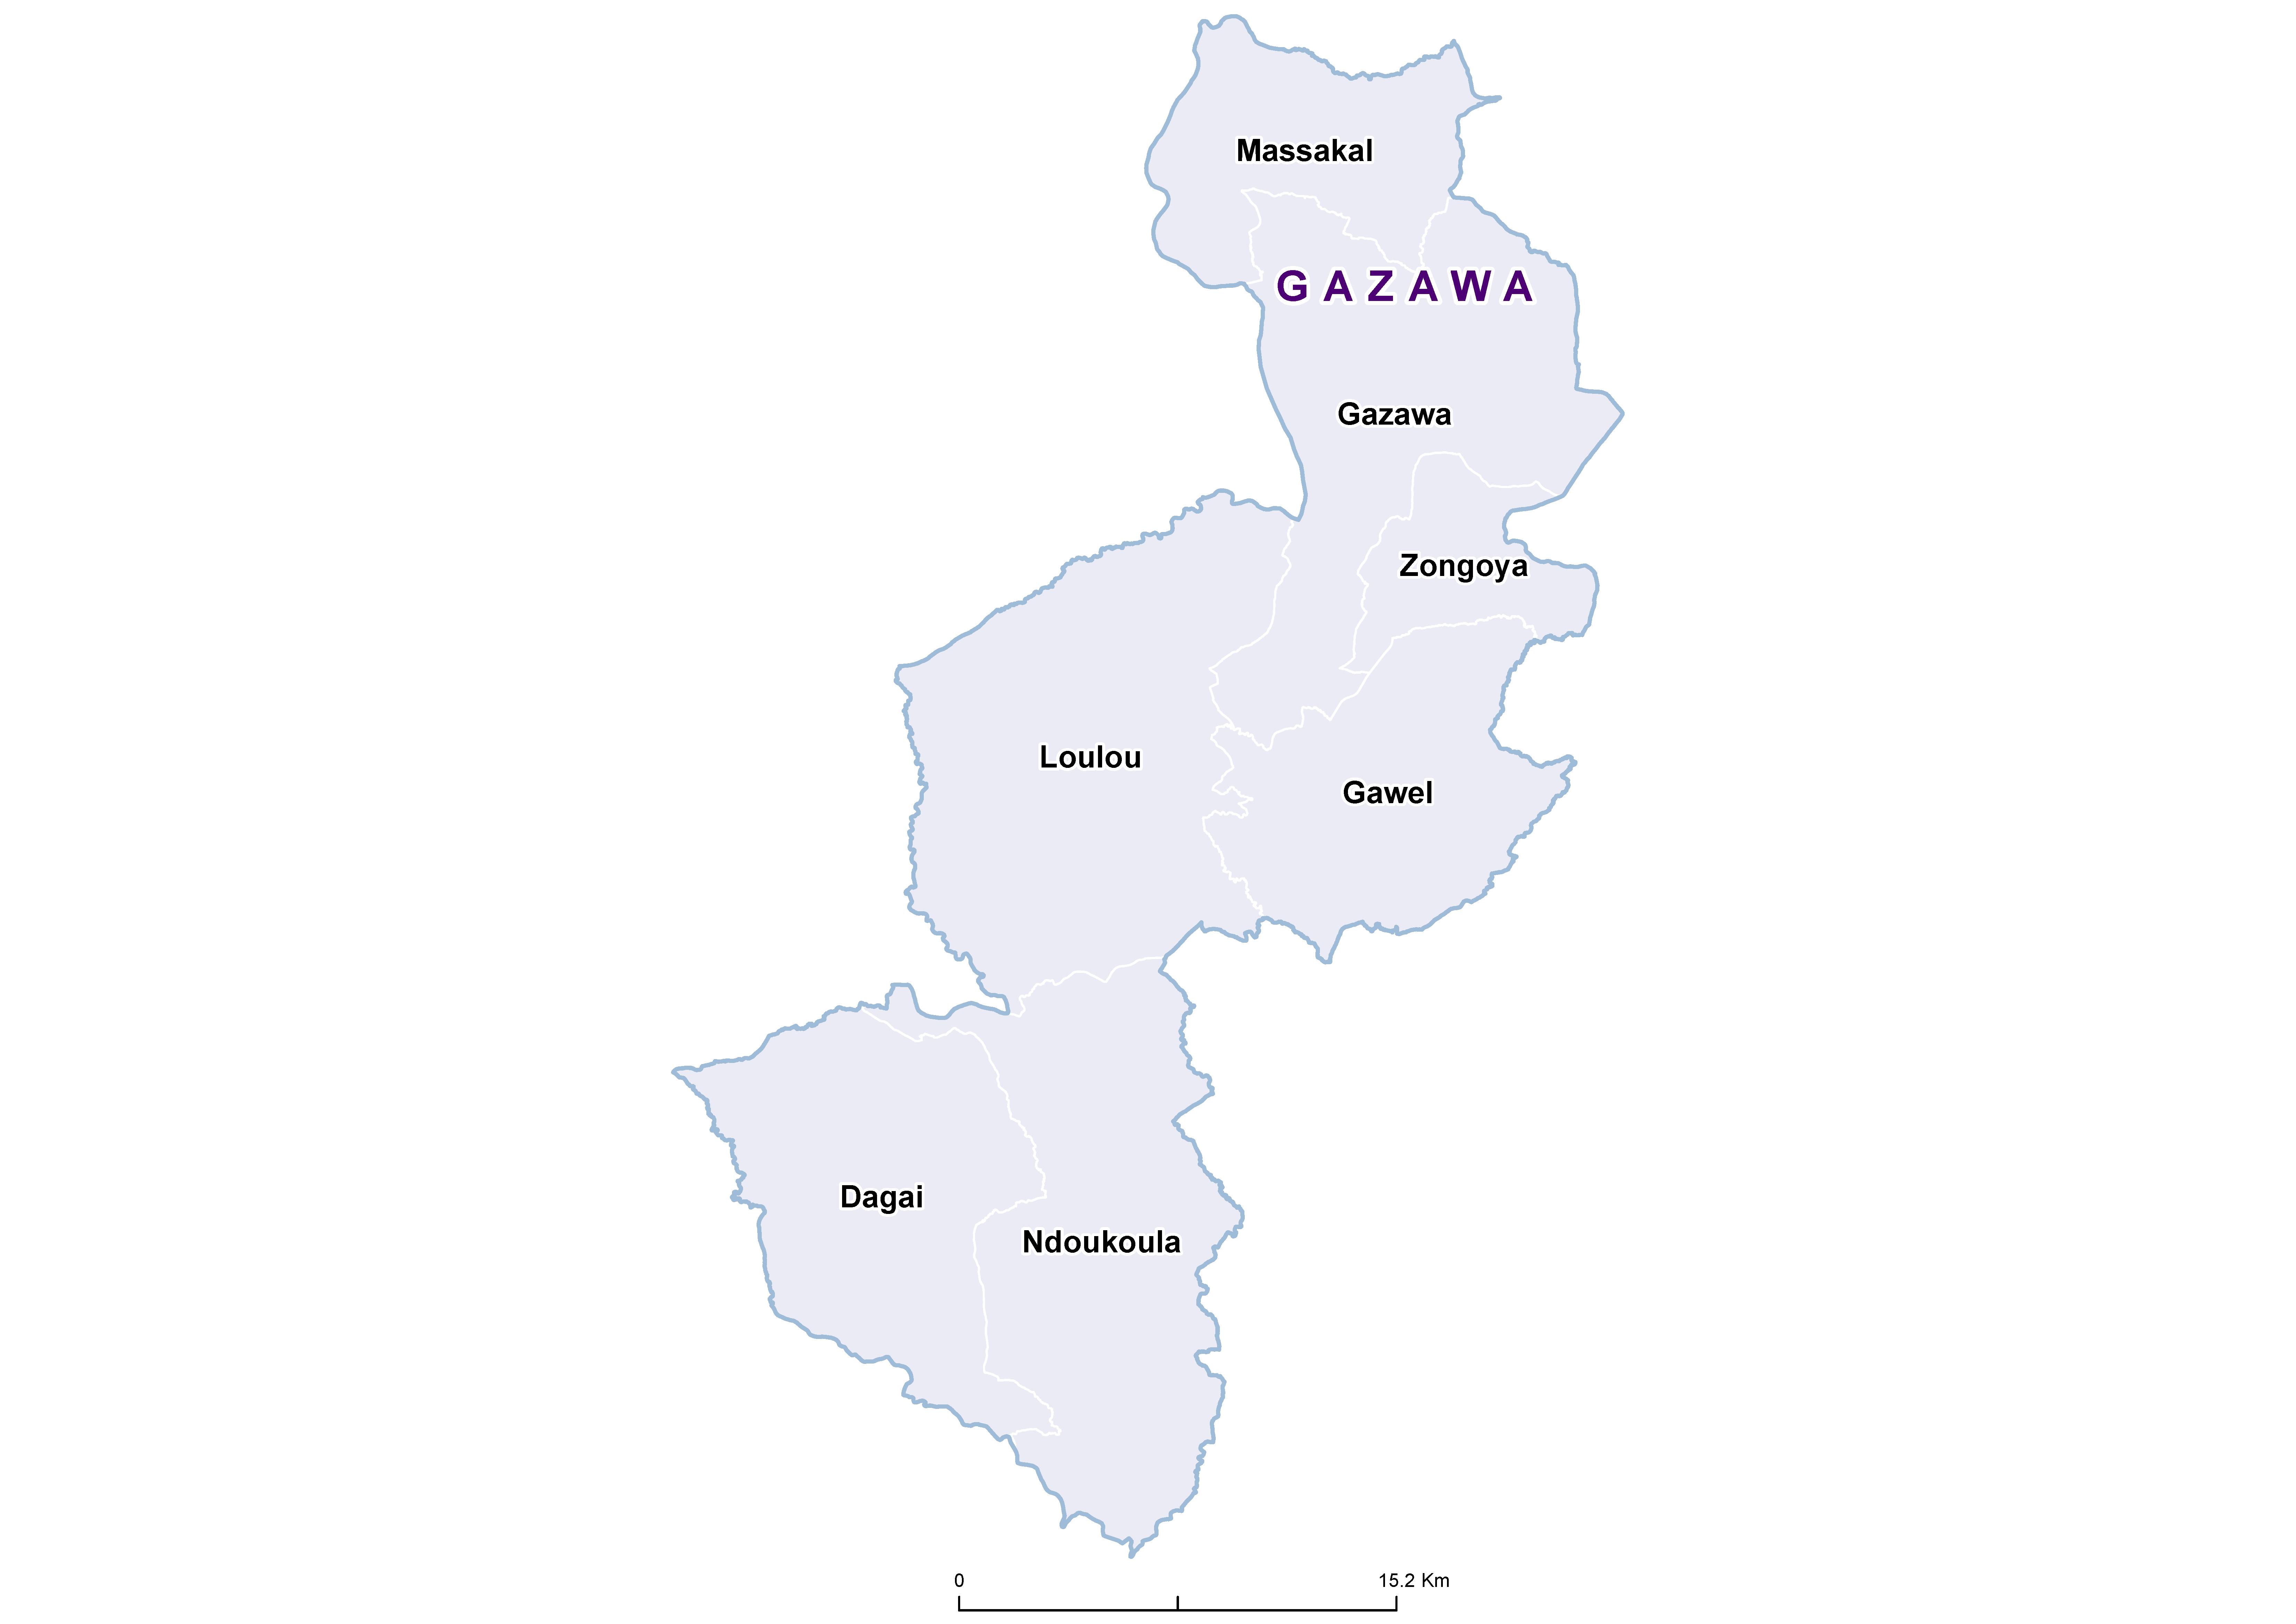 Gazawa STH 19850001